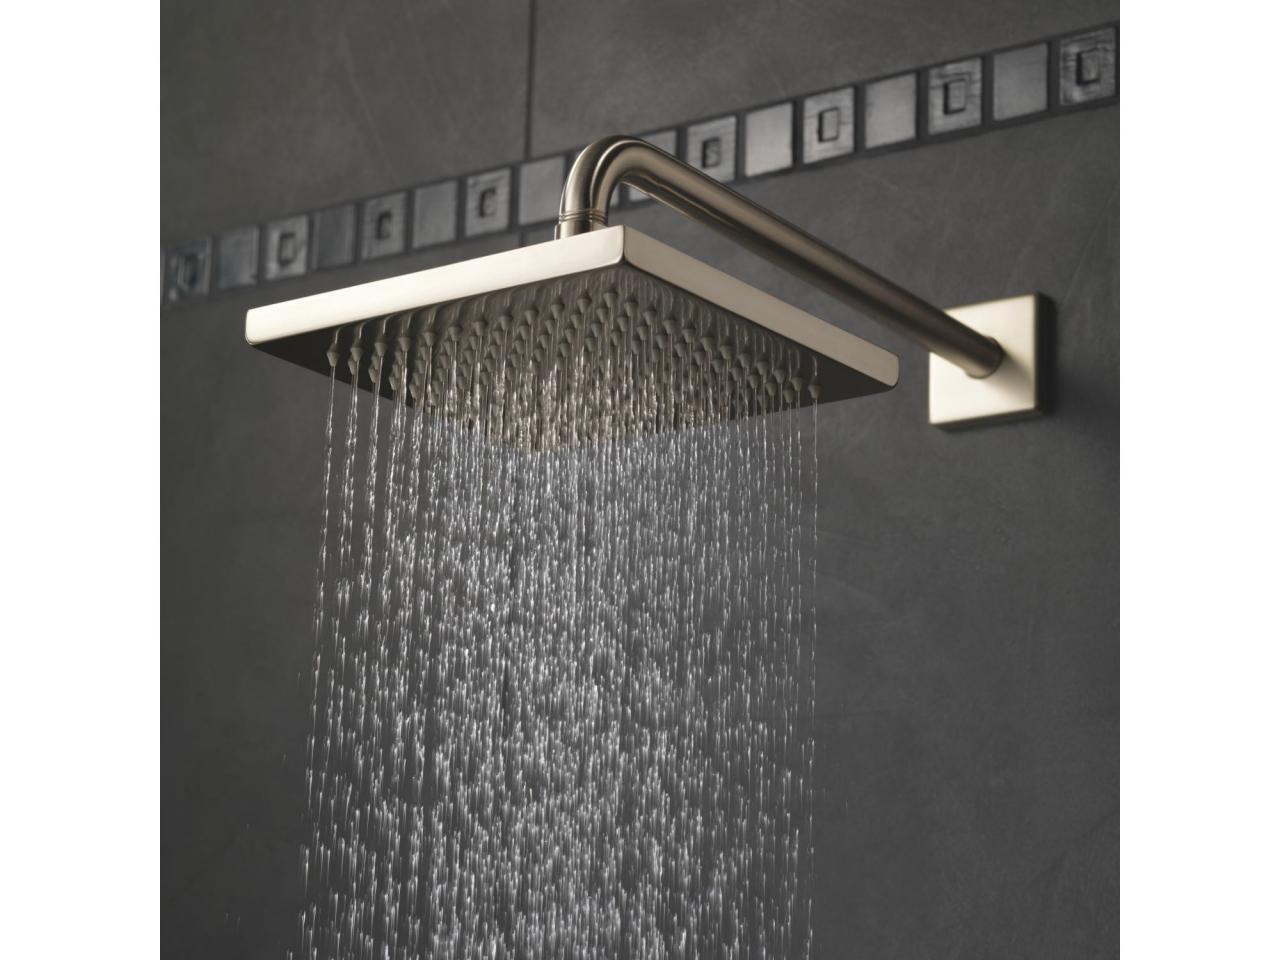 Ideas, atlantis 7 brushed nickel rain shower faucet system atlantis 7 brushed nickel rain shower faucet system cool moen rain shower head photos best image engine freezoka 1280 x 960 jpeg.